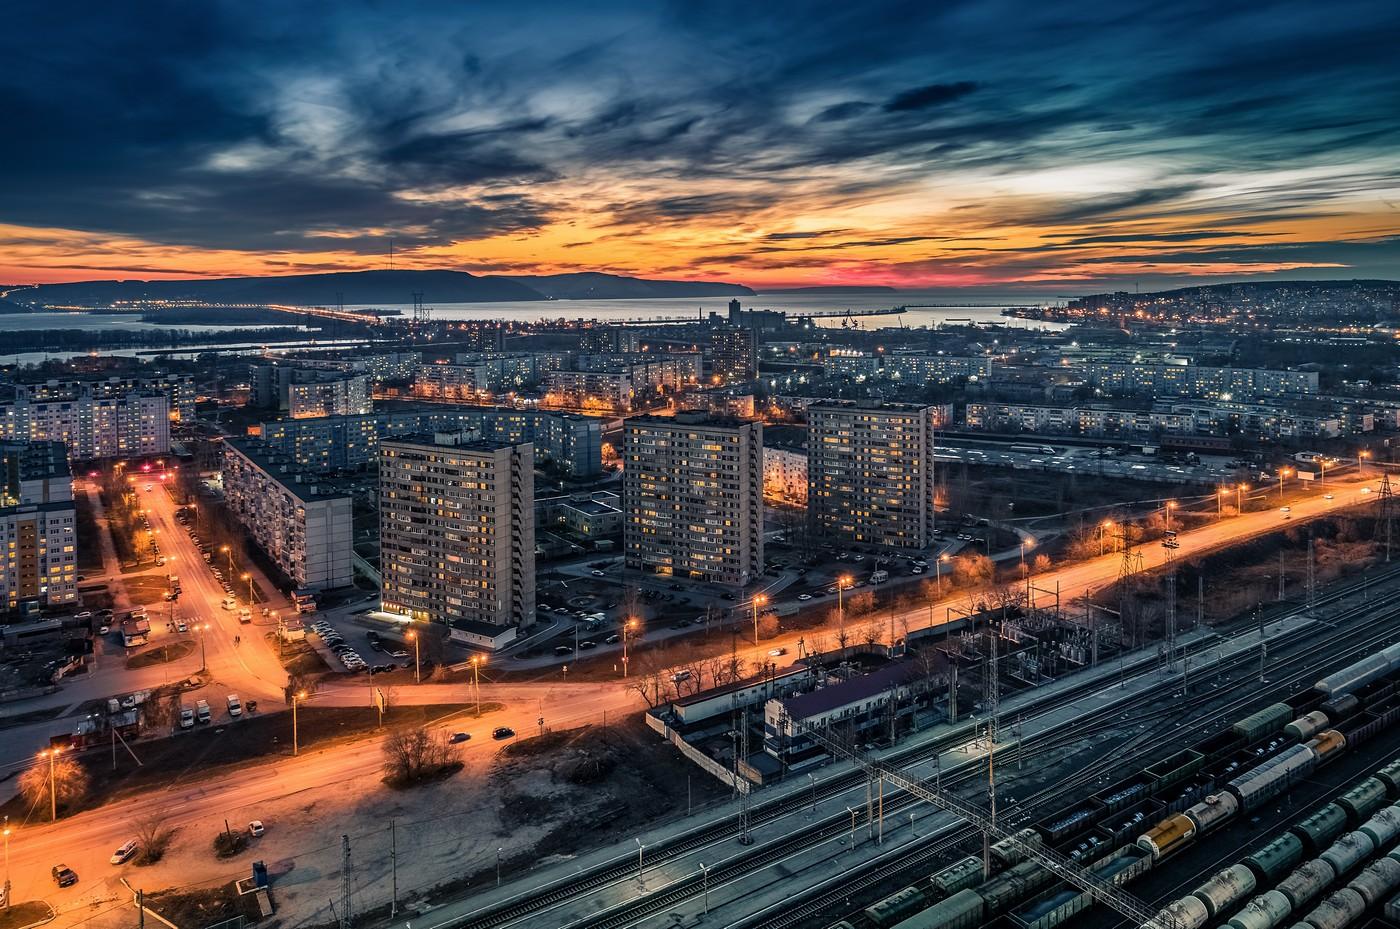 тольятти комсомольский район фото стоимость посещения курортов